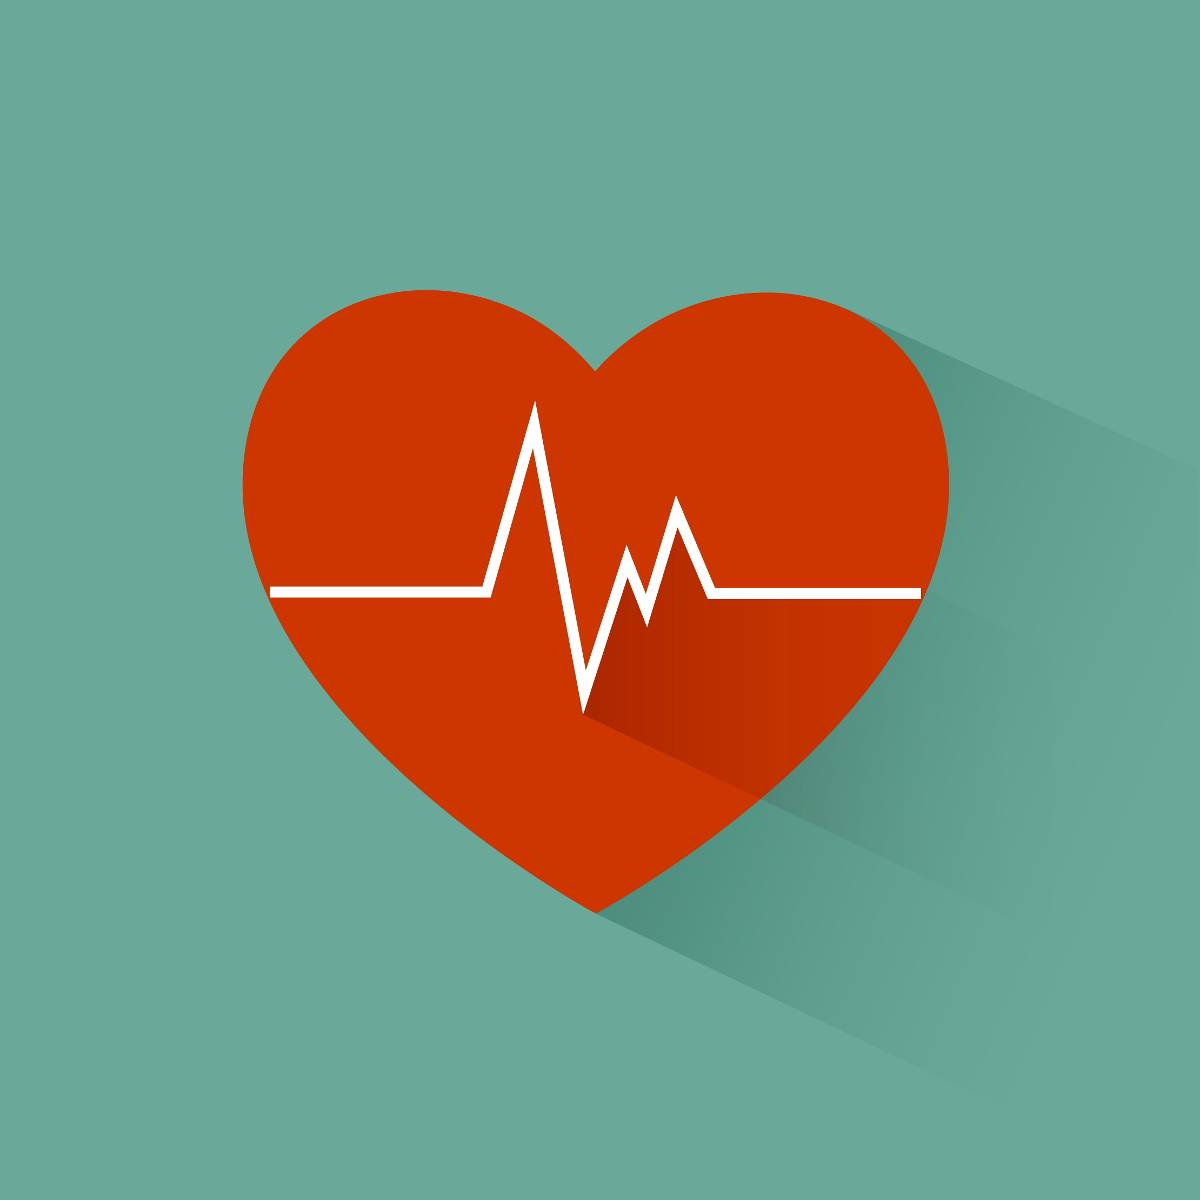 Hjärtsjukdomar